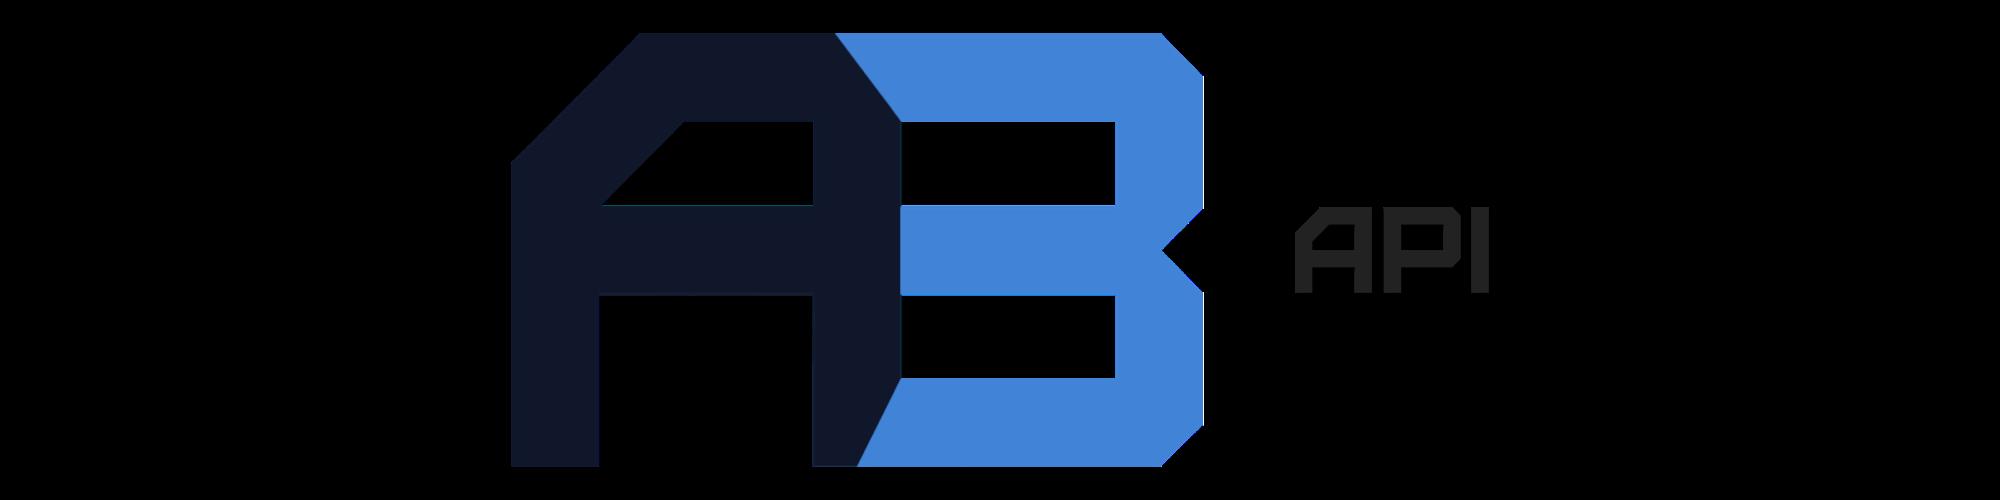 API custom logo